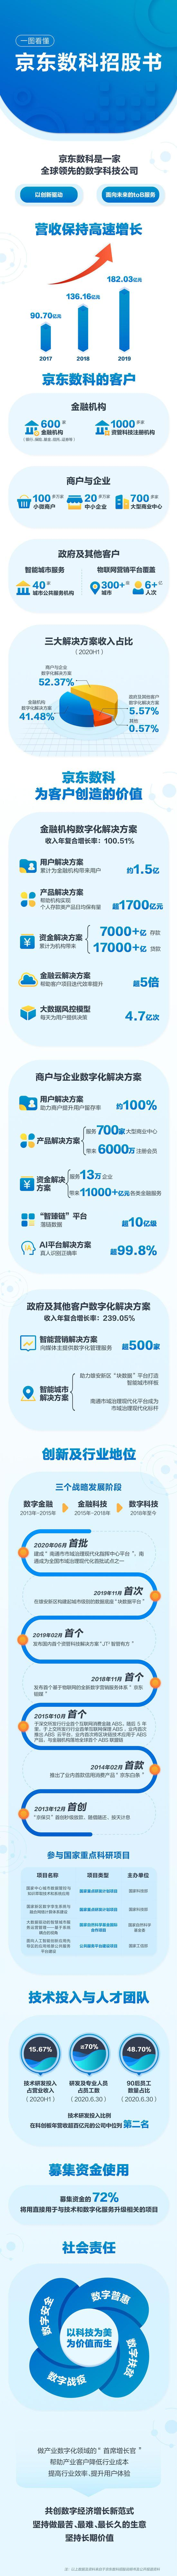 京东数科科创板IPO获受理 刘强东拥有74.77%表决权